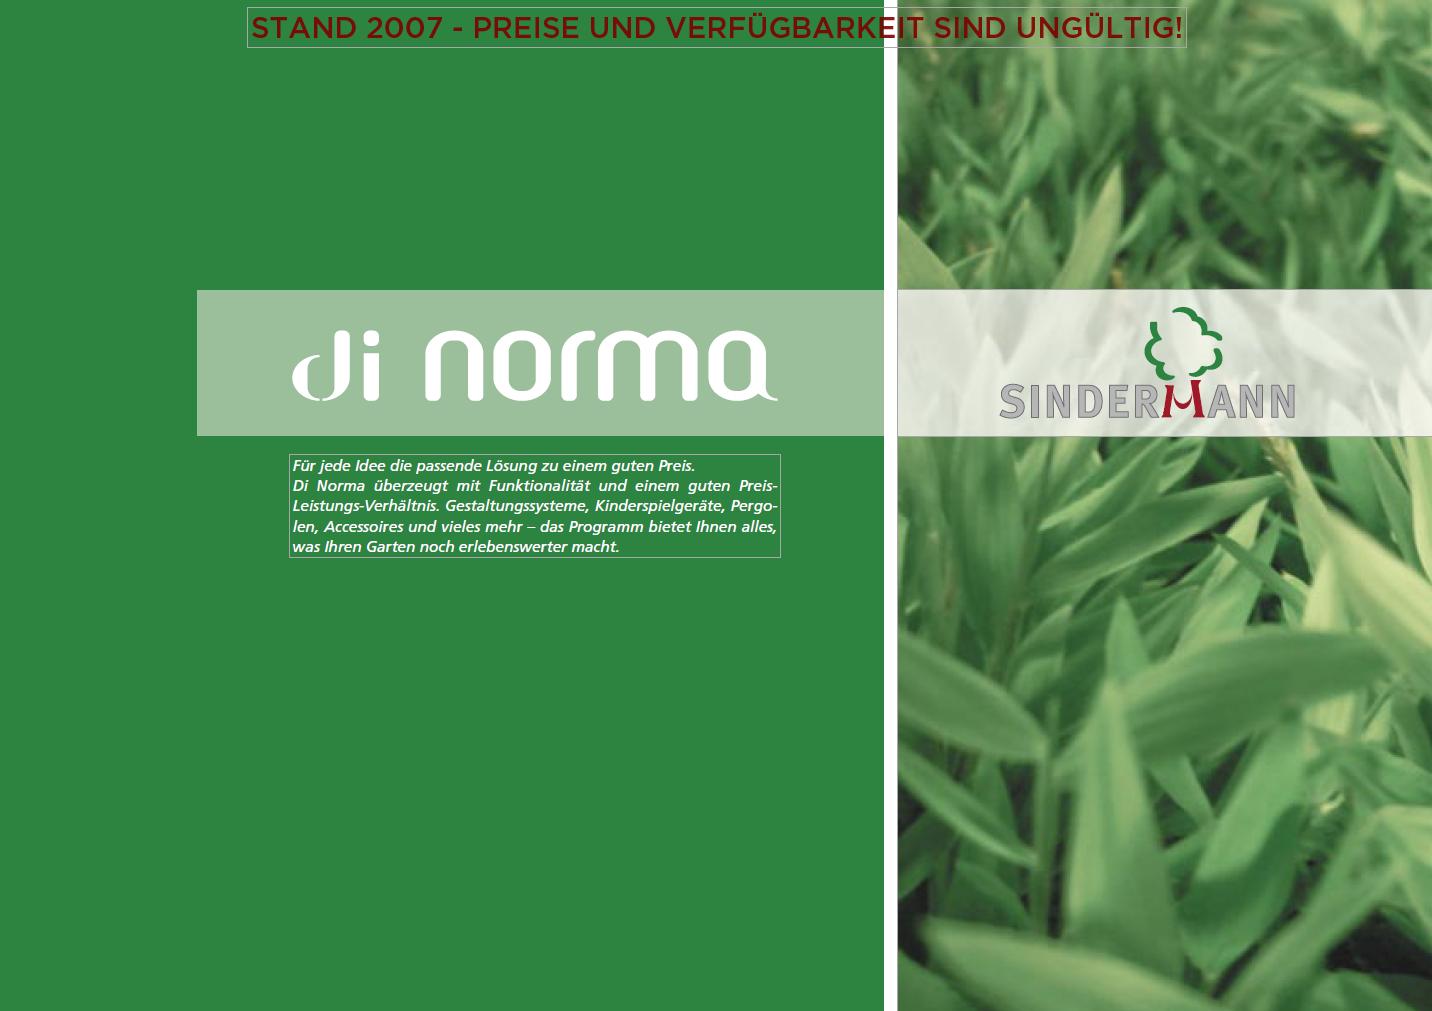 DiNorma-2007